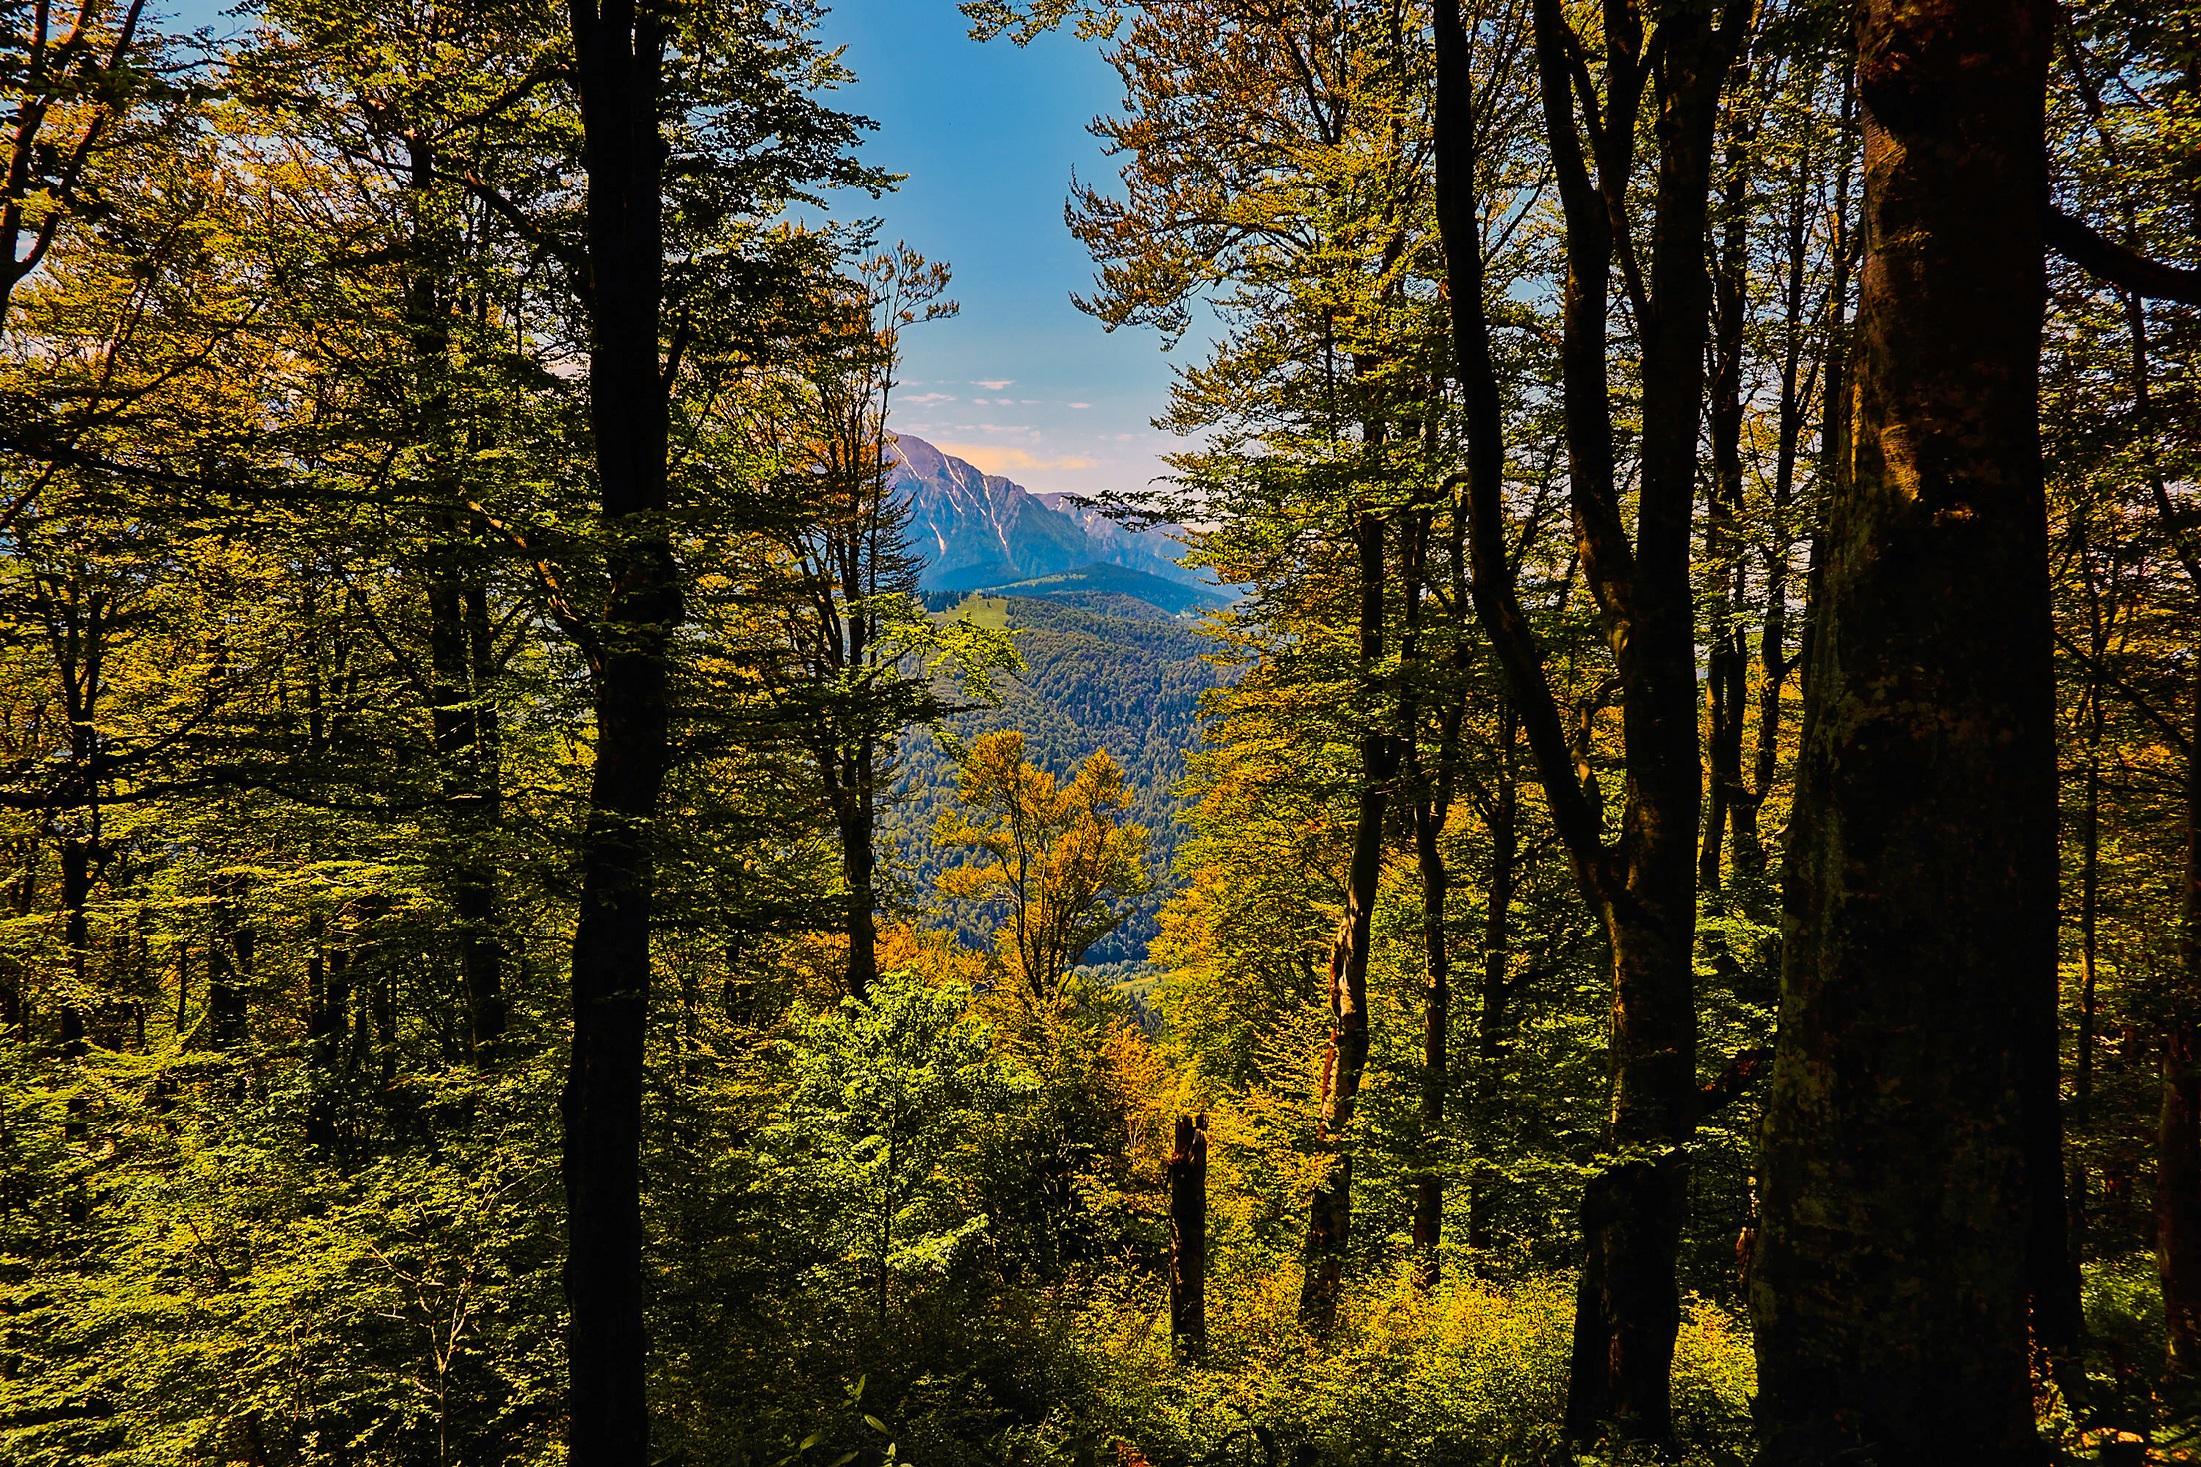 Poze Peisaj Copac Natură Pustie Ramură Lumina